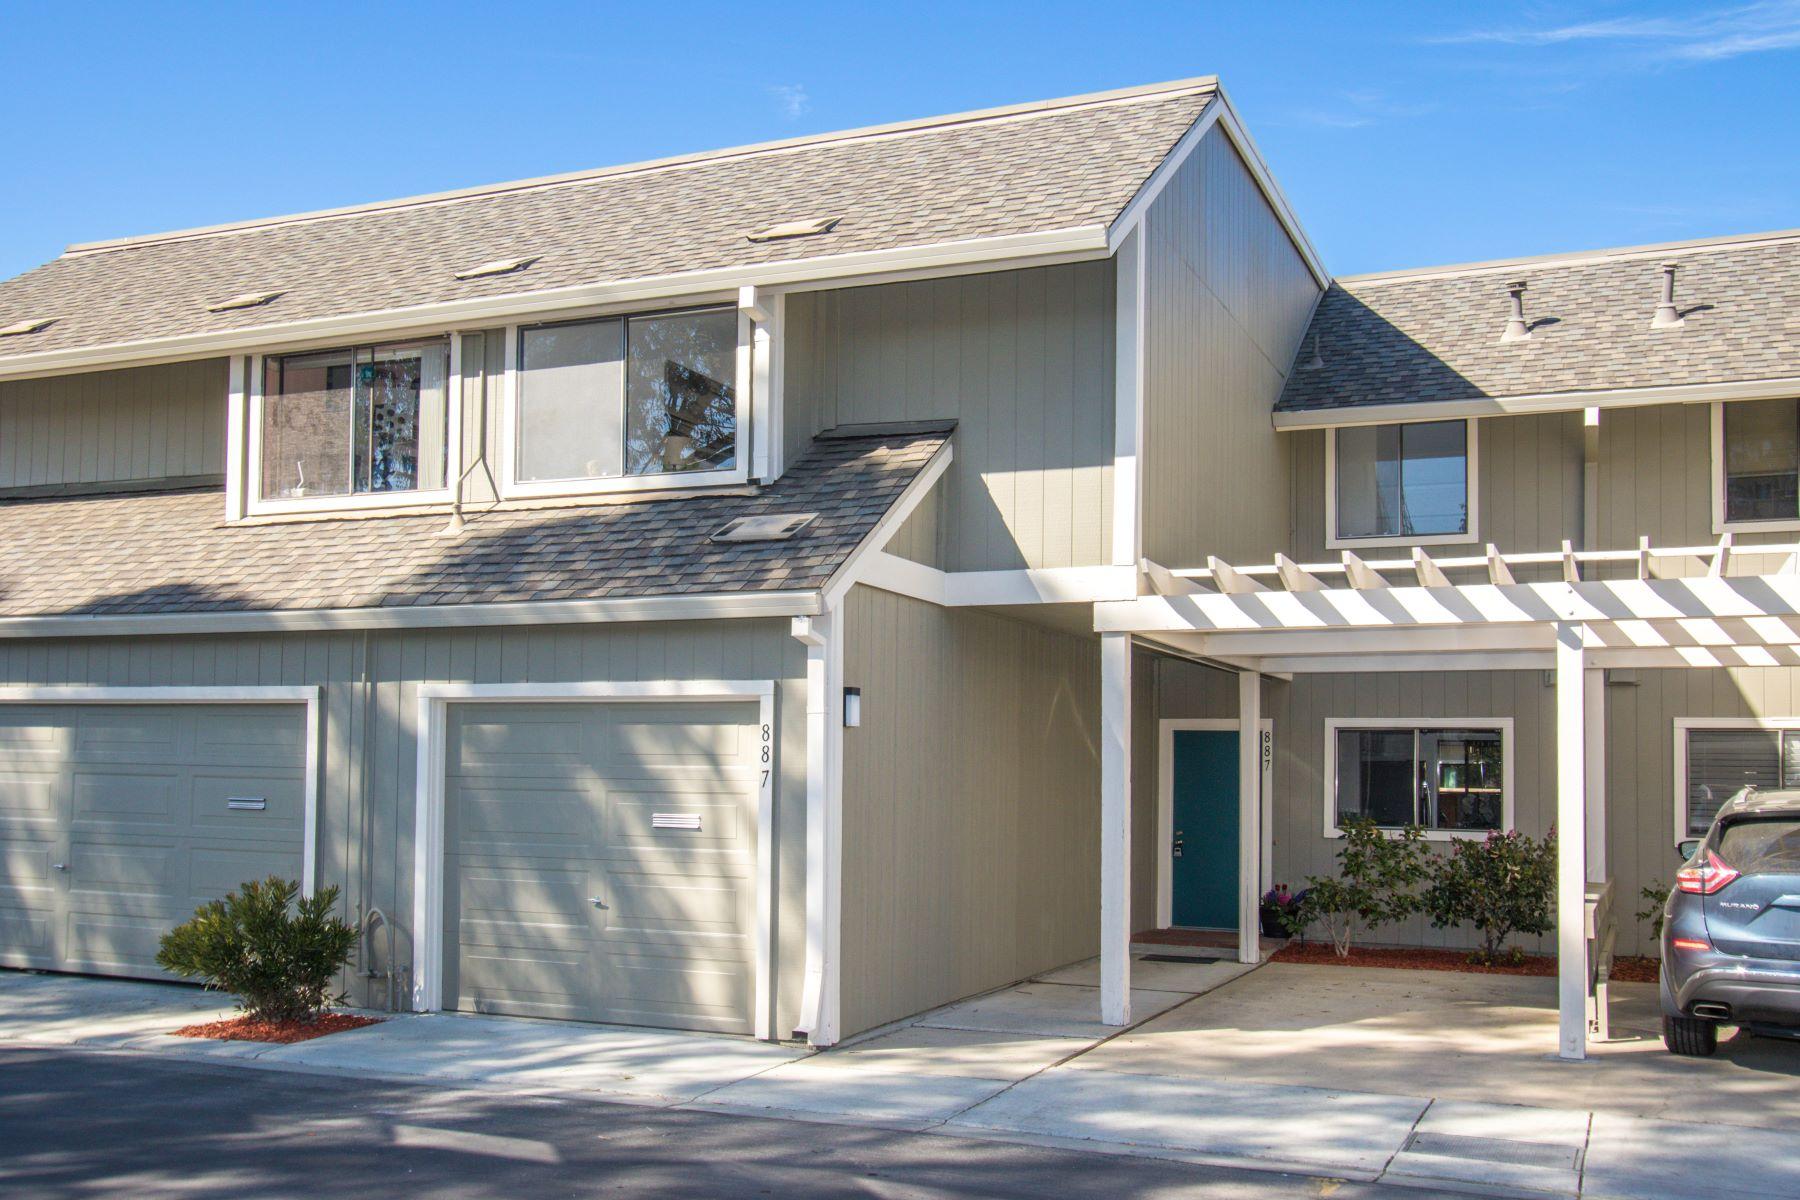 townhouses para Venda às Beautiful Isle Cove Townhome 887 Ursa Lane, Foster City, Califórnia 94404 Estados Unidos